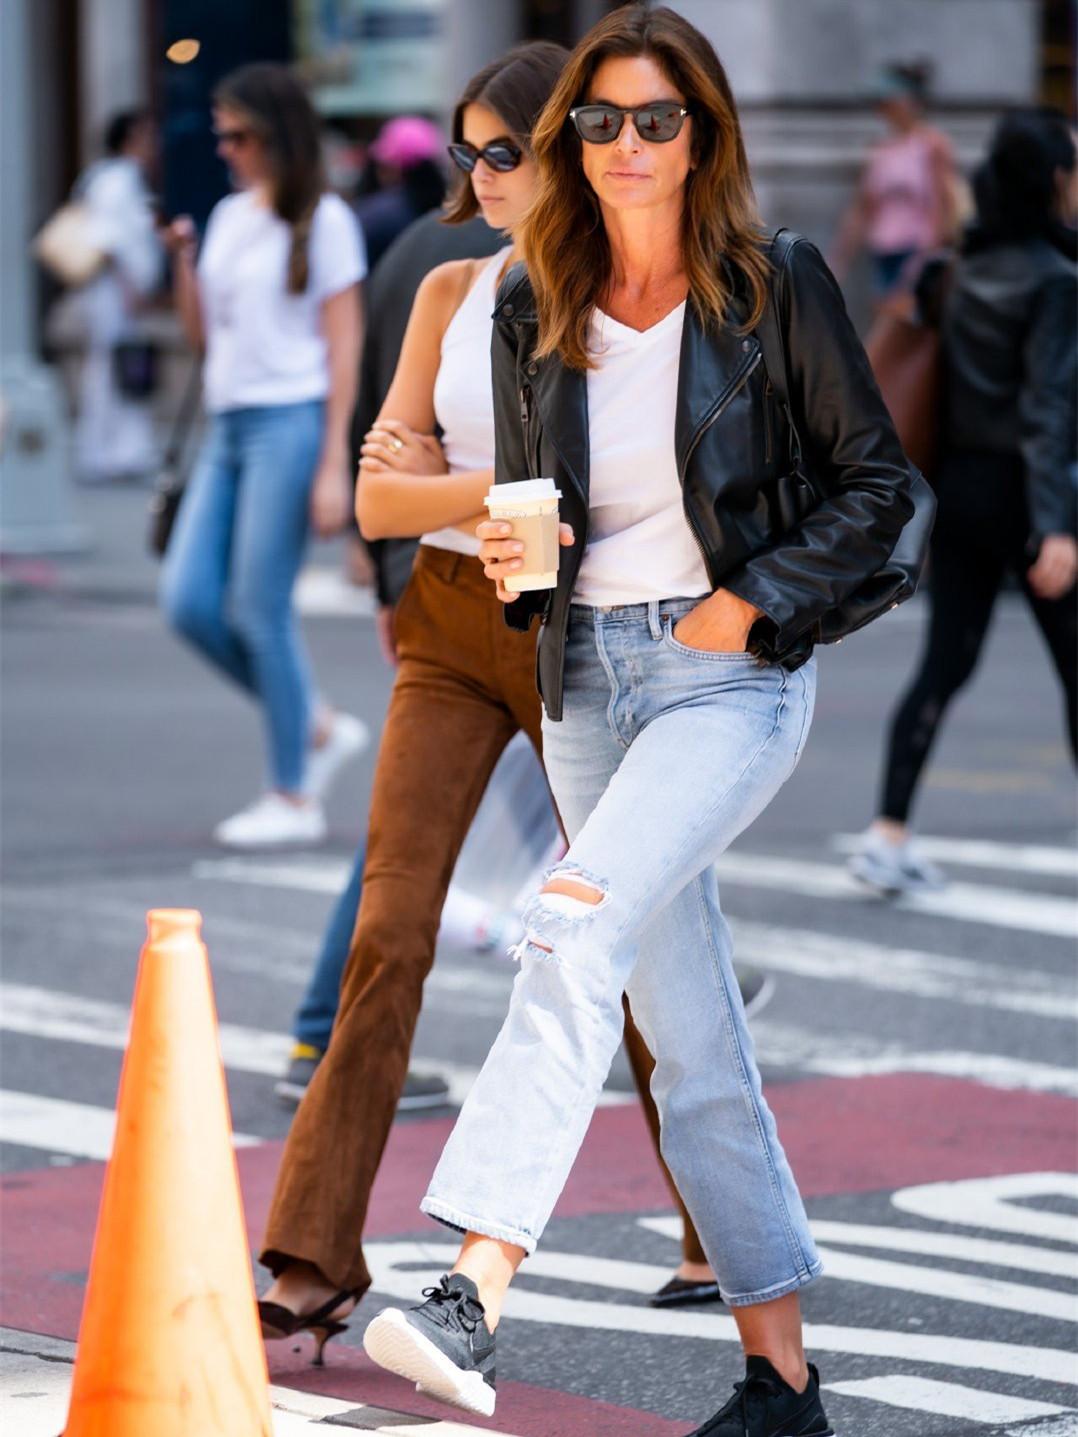 辛迪克劳馥出街,18岁女儿穿喇叭裤秀美腿,却被53岁妈妈抢镜